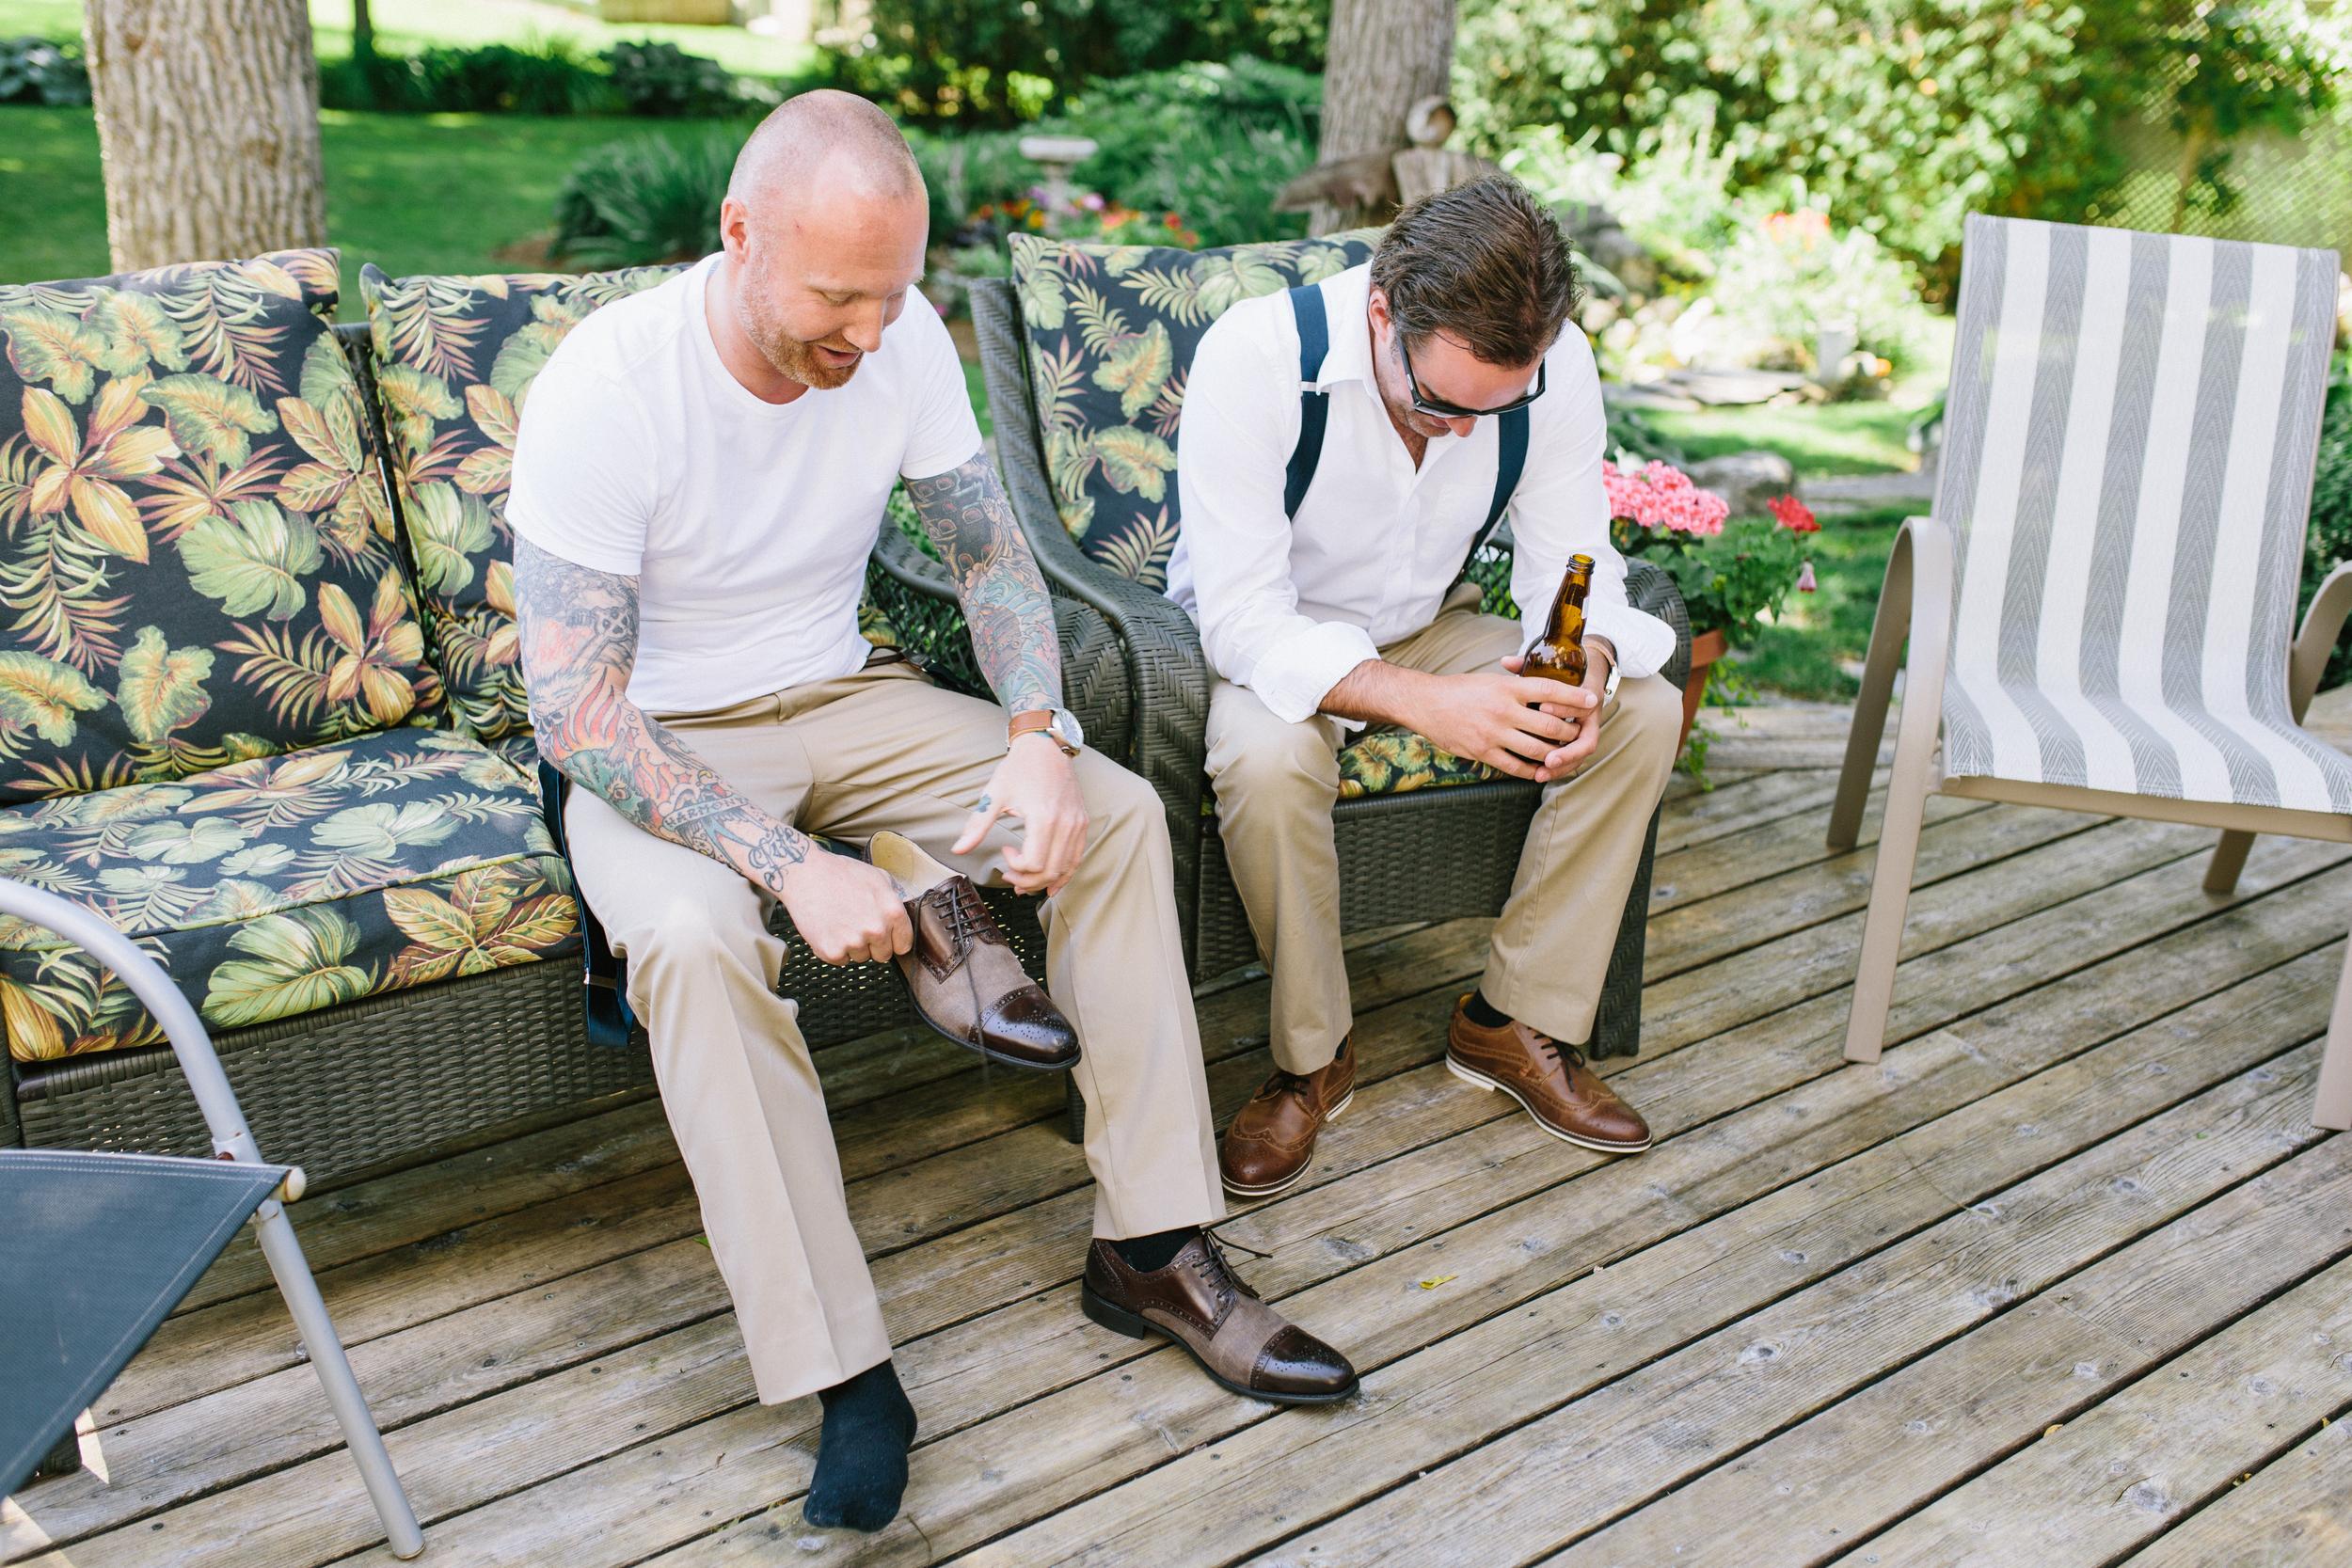 michael-rousseau-photography-shannae-ingleton-wedding-sean-craigleith-ski-club-wedding010.jpg